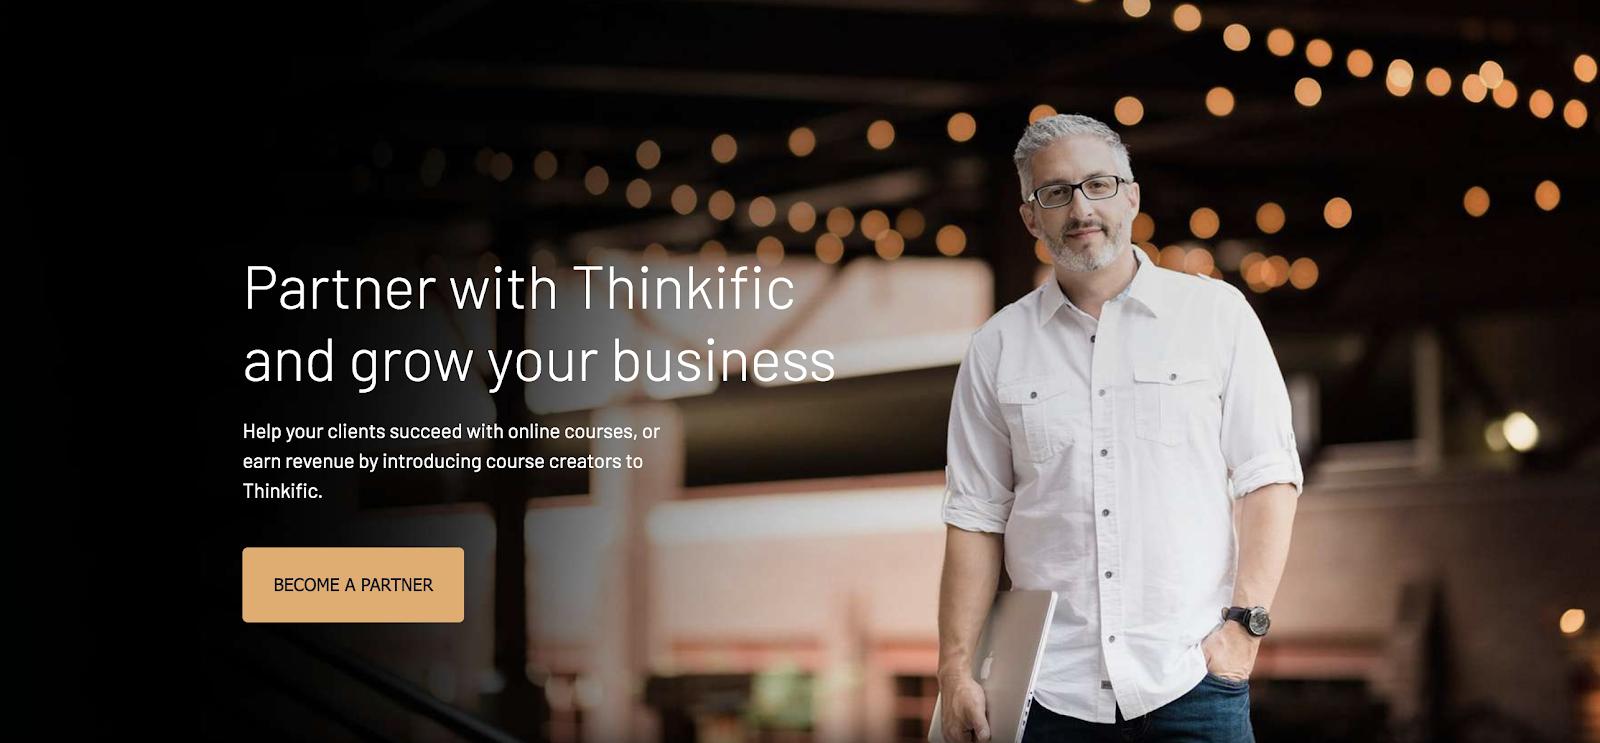 Pagina partner di Thinkific (schermata)